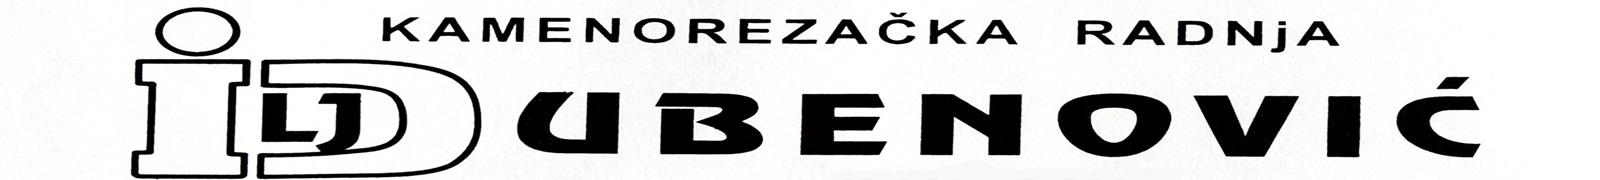 Kamenorezačka radnja Ljubenović